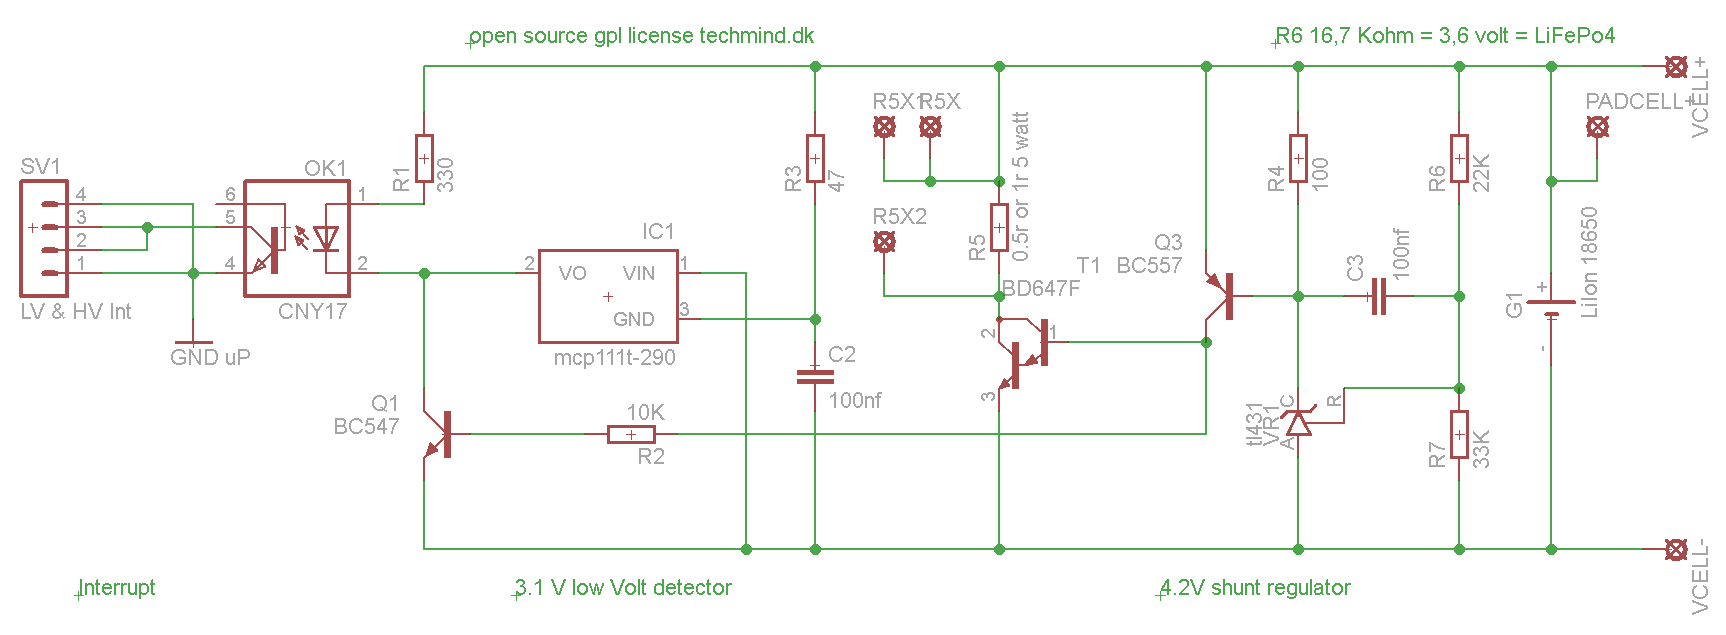 Lifepo4 Bms Circuit Diagram Efcaviation Ddc Wiring